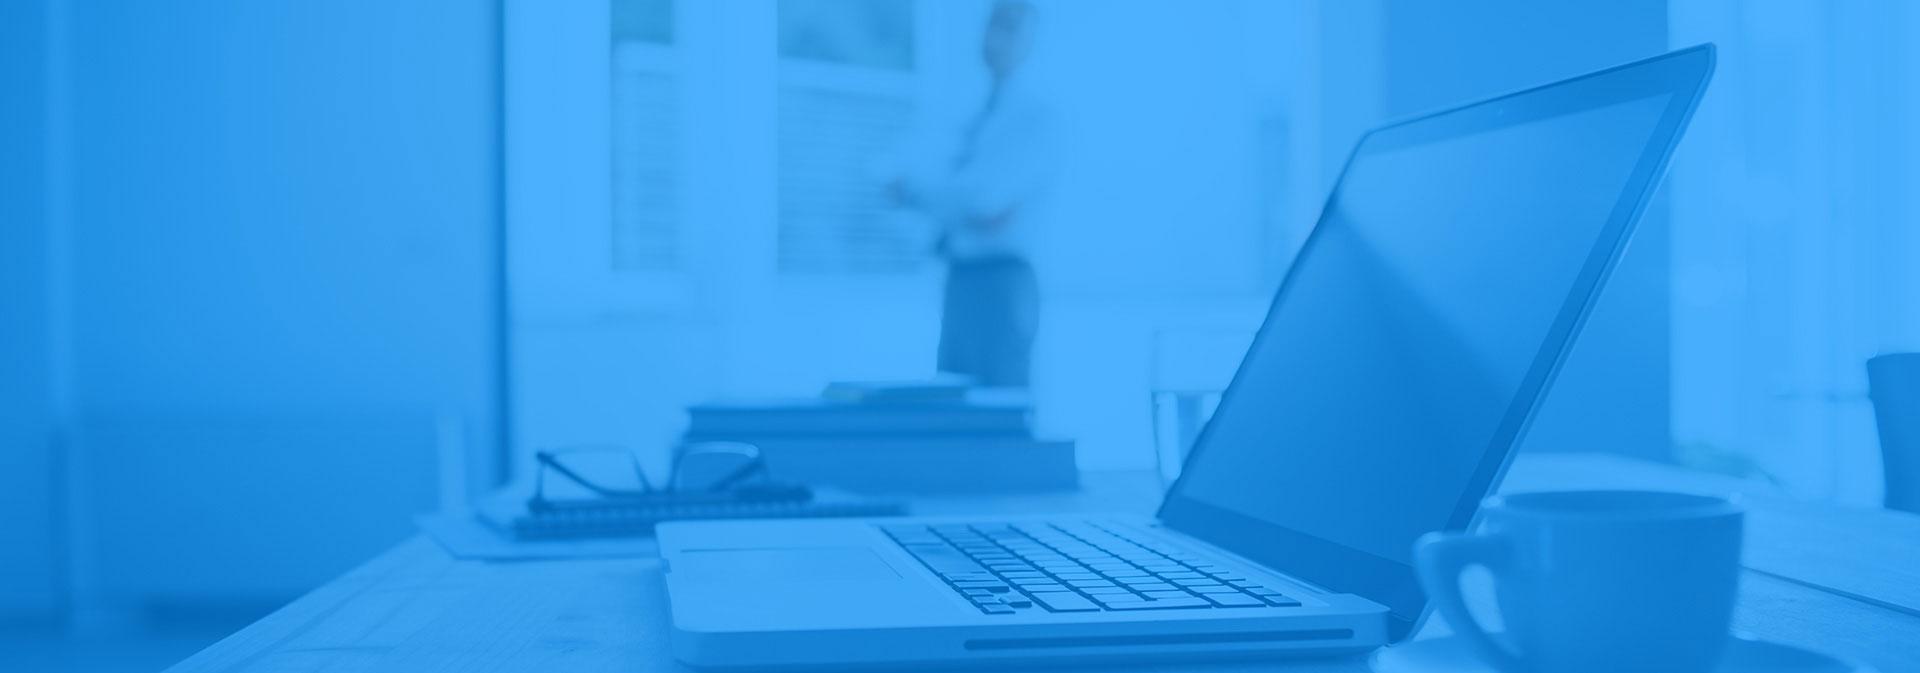 חברת תוכנה לפיתוח מערכות מתקדמות